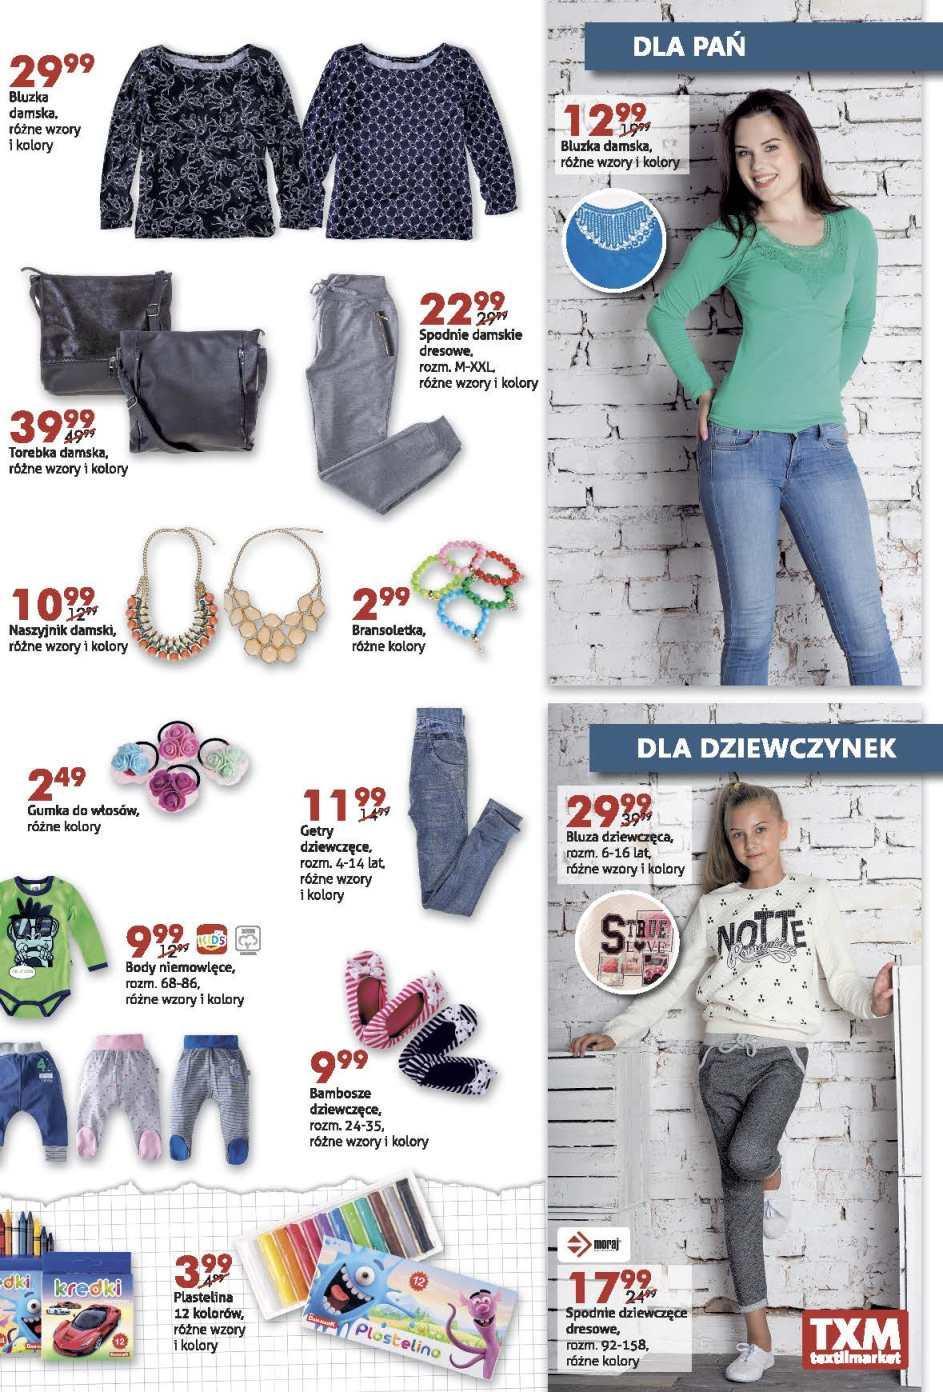 Gazetka promocyjna Textil Market do 13/09/2016 str.2